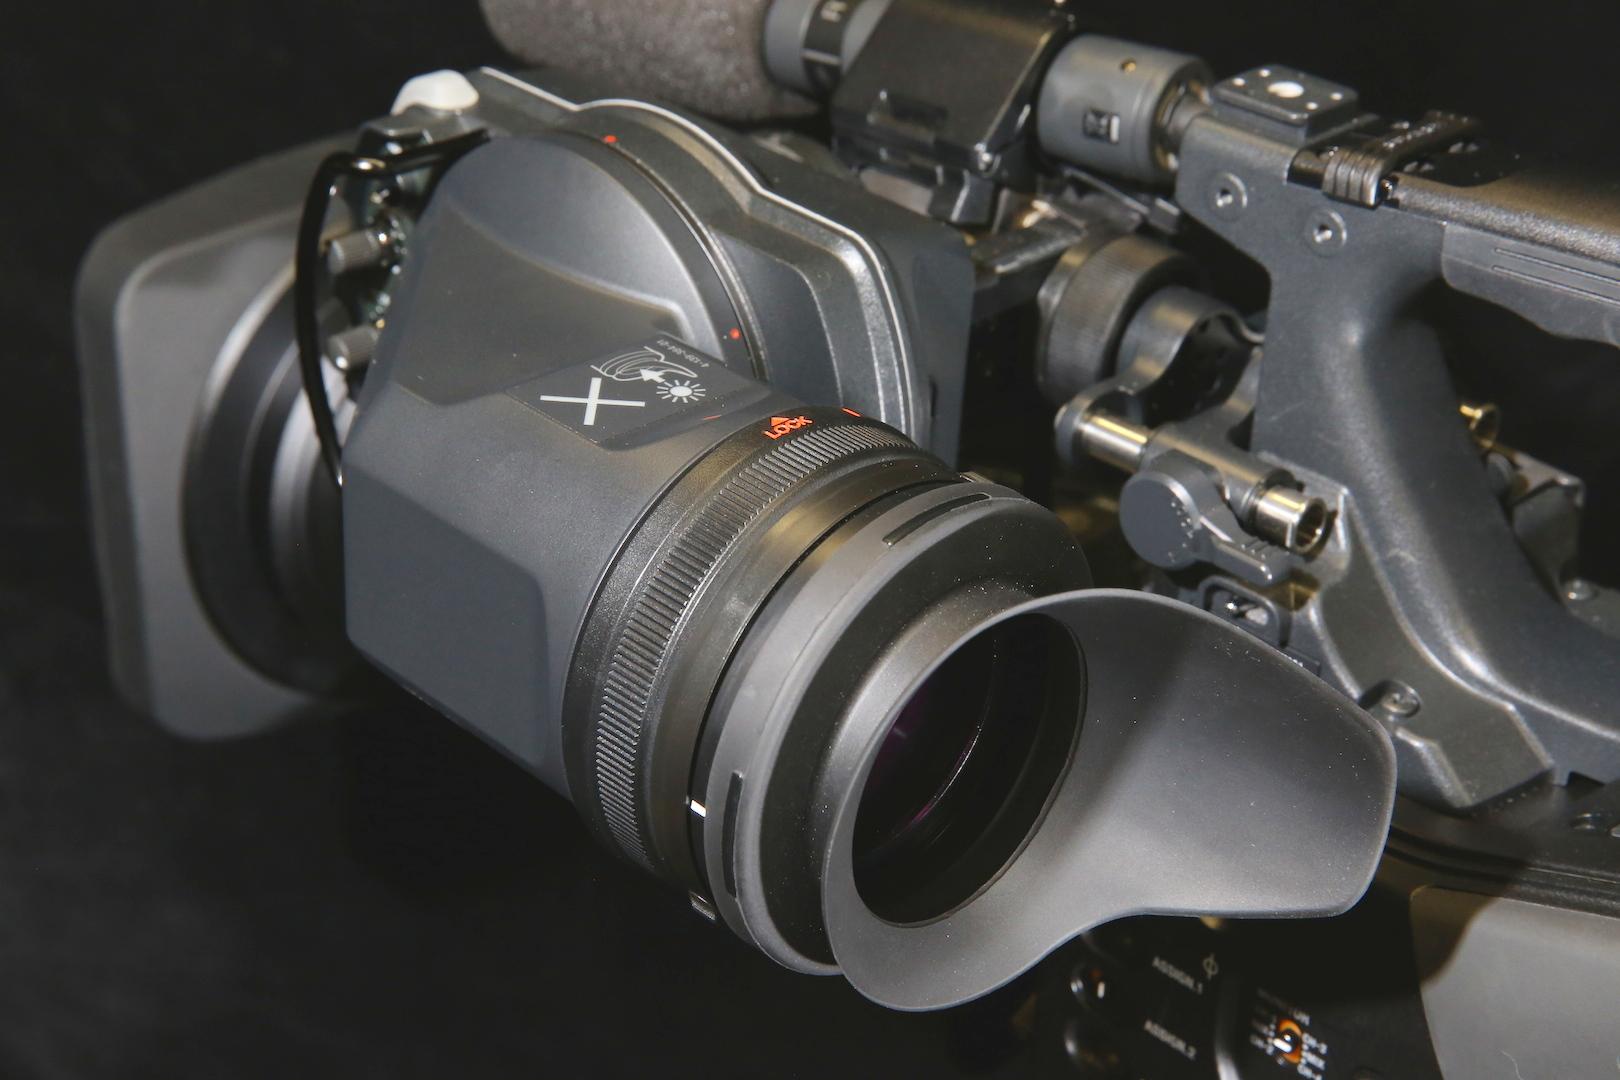 PXW-X500